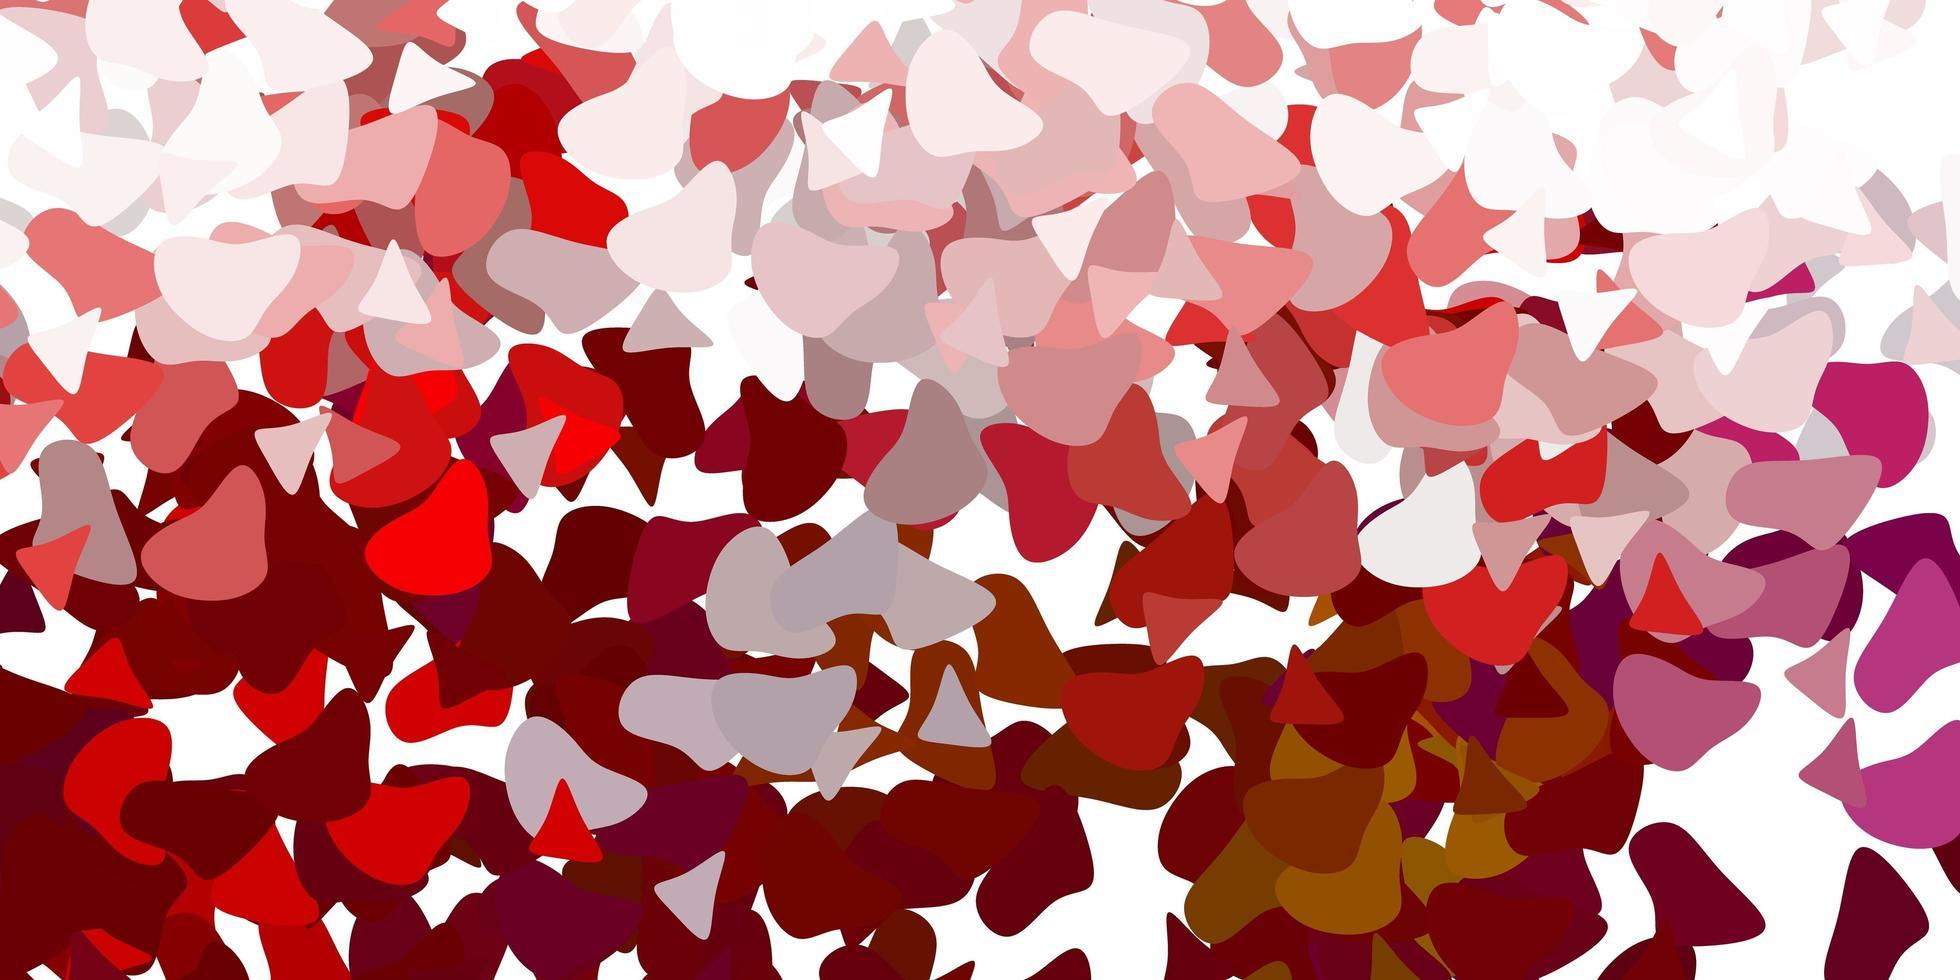 modello vettoriale multicolore chiaro con forme astratte.